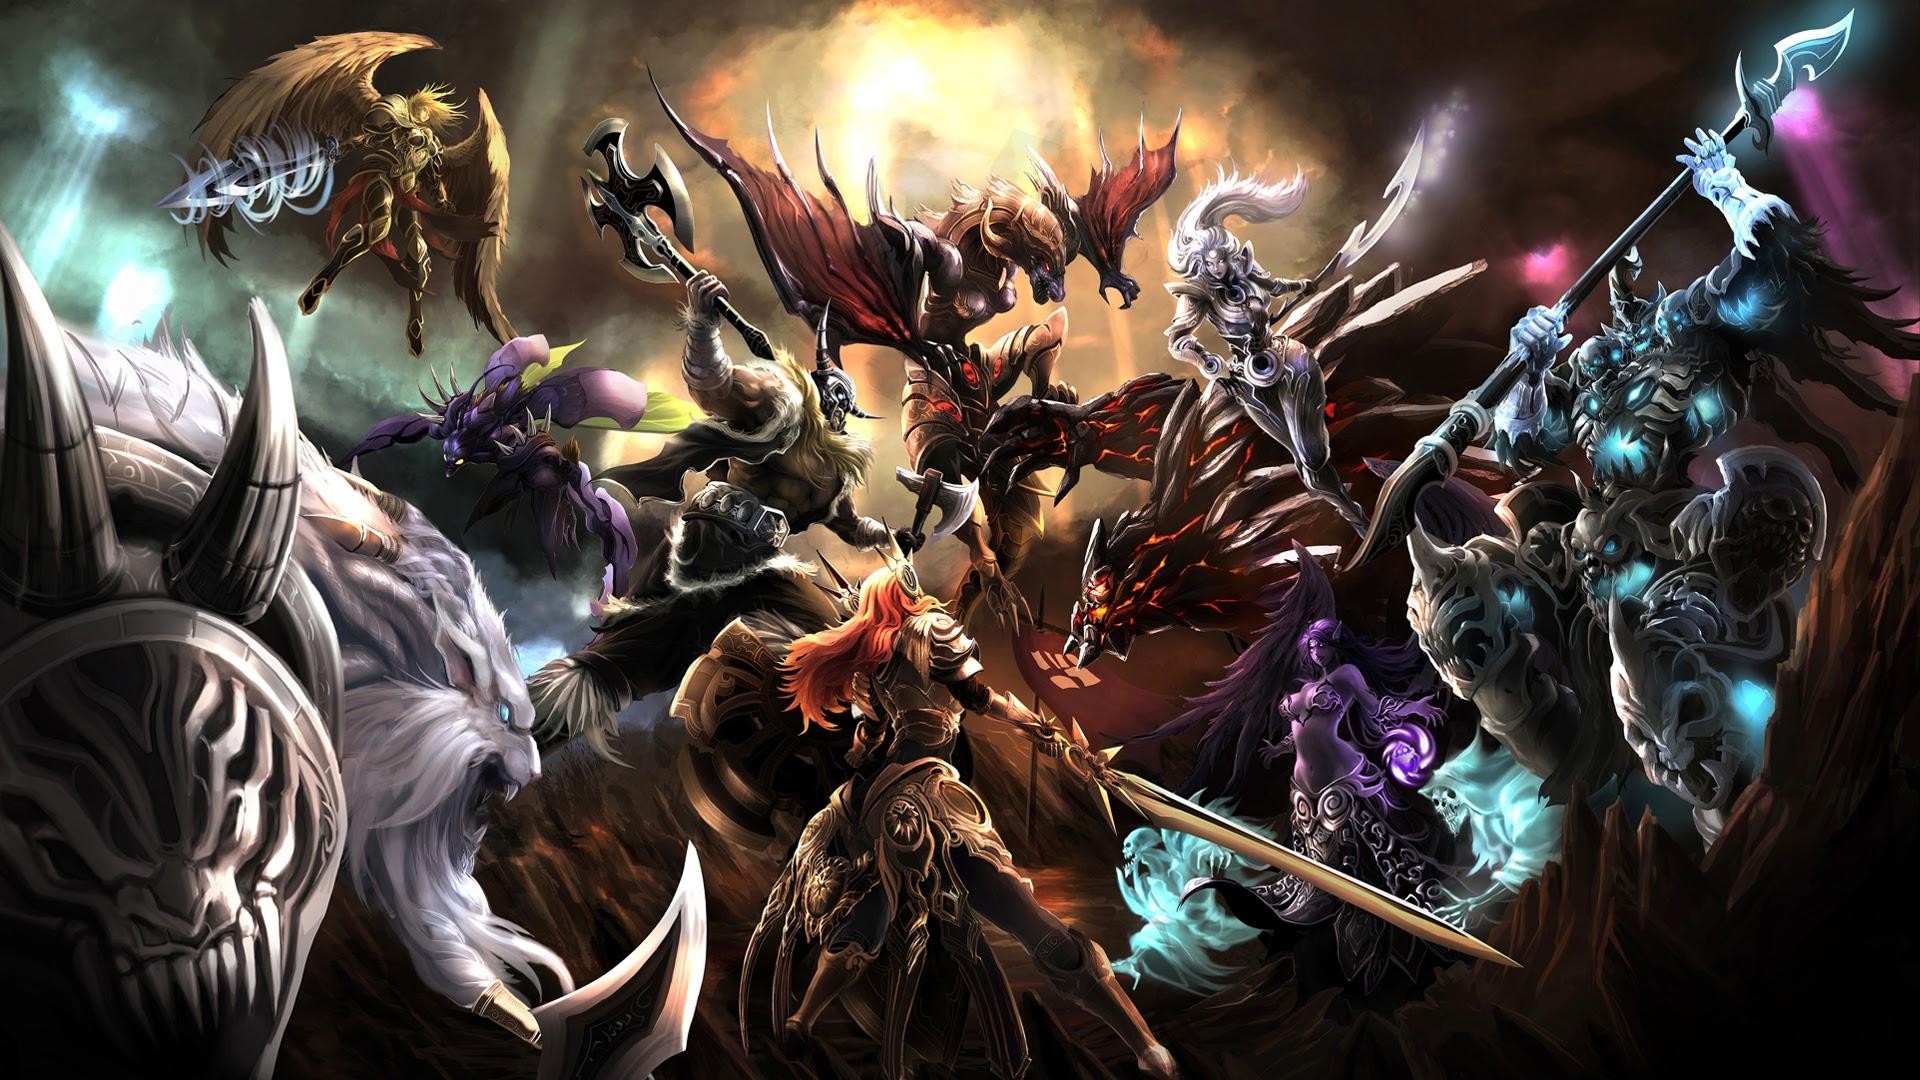 league of legends epic clash battle hd wallpaper background 1920x1080